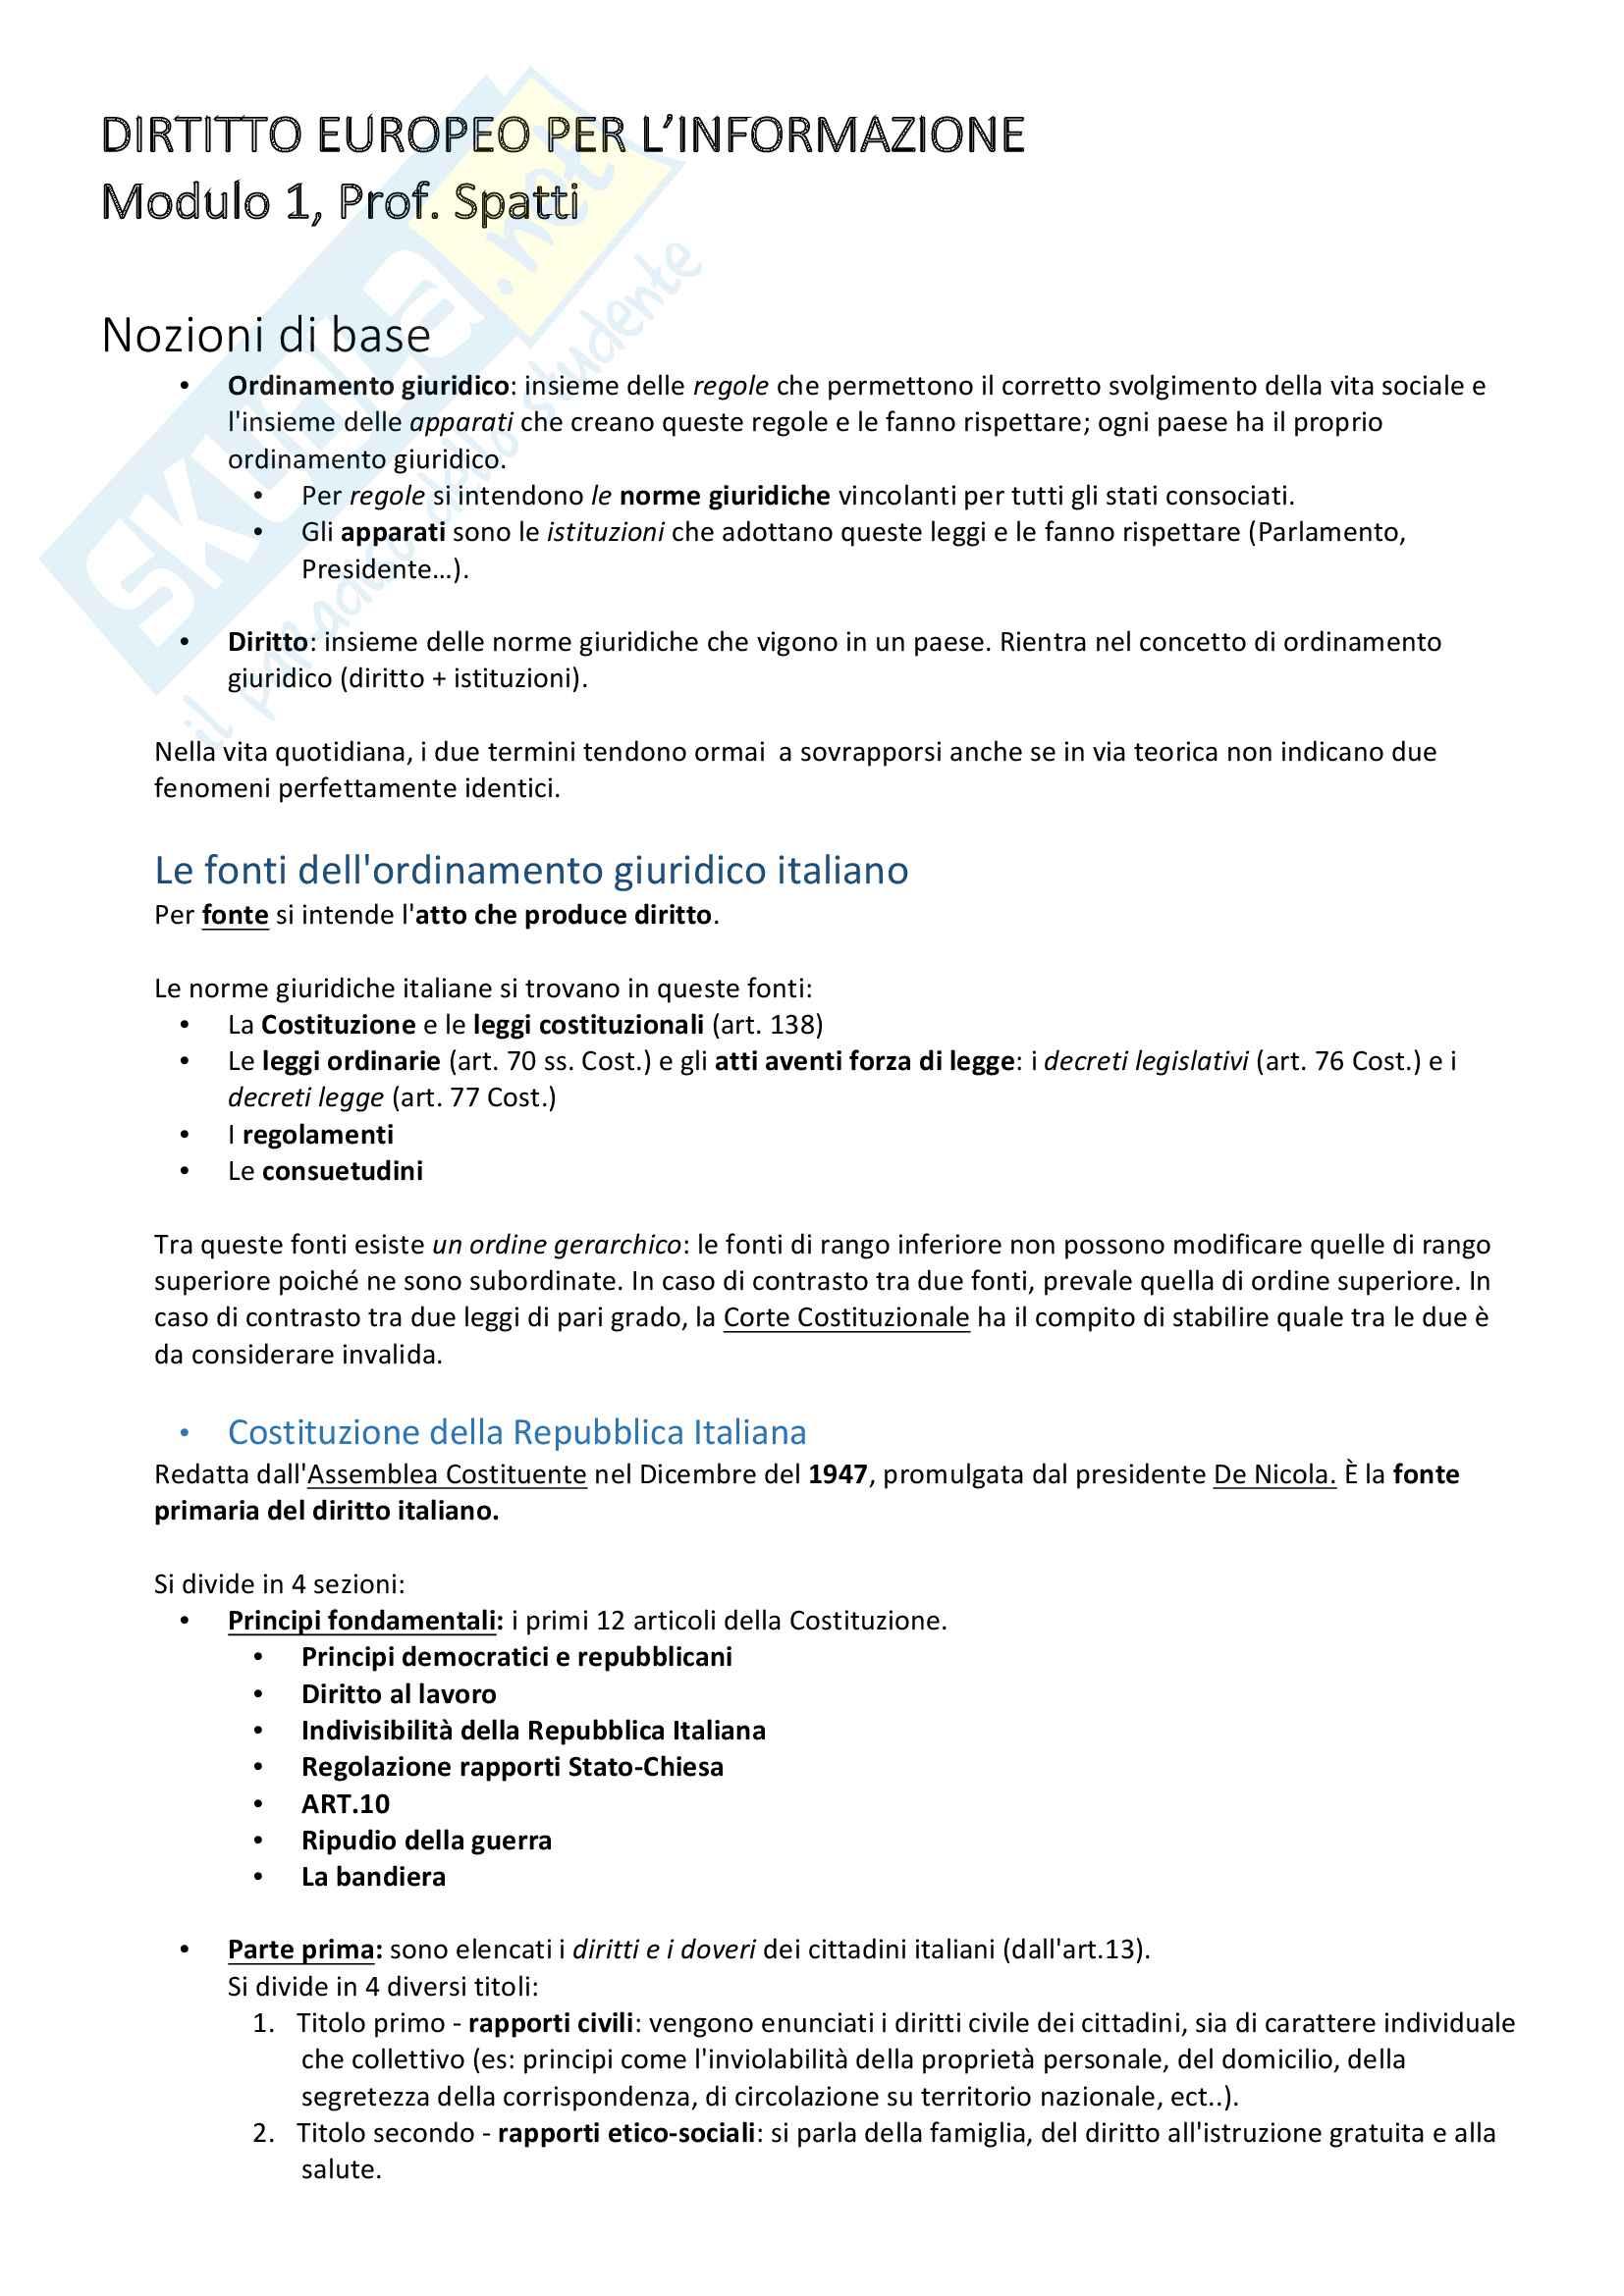 Diritto Europeo dell'Informazione - I modulo, Prof. Monica Spatti